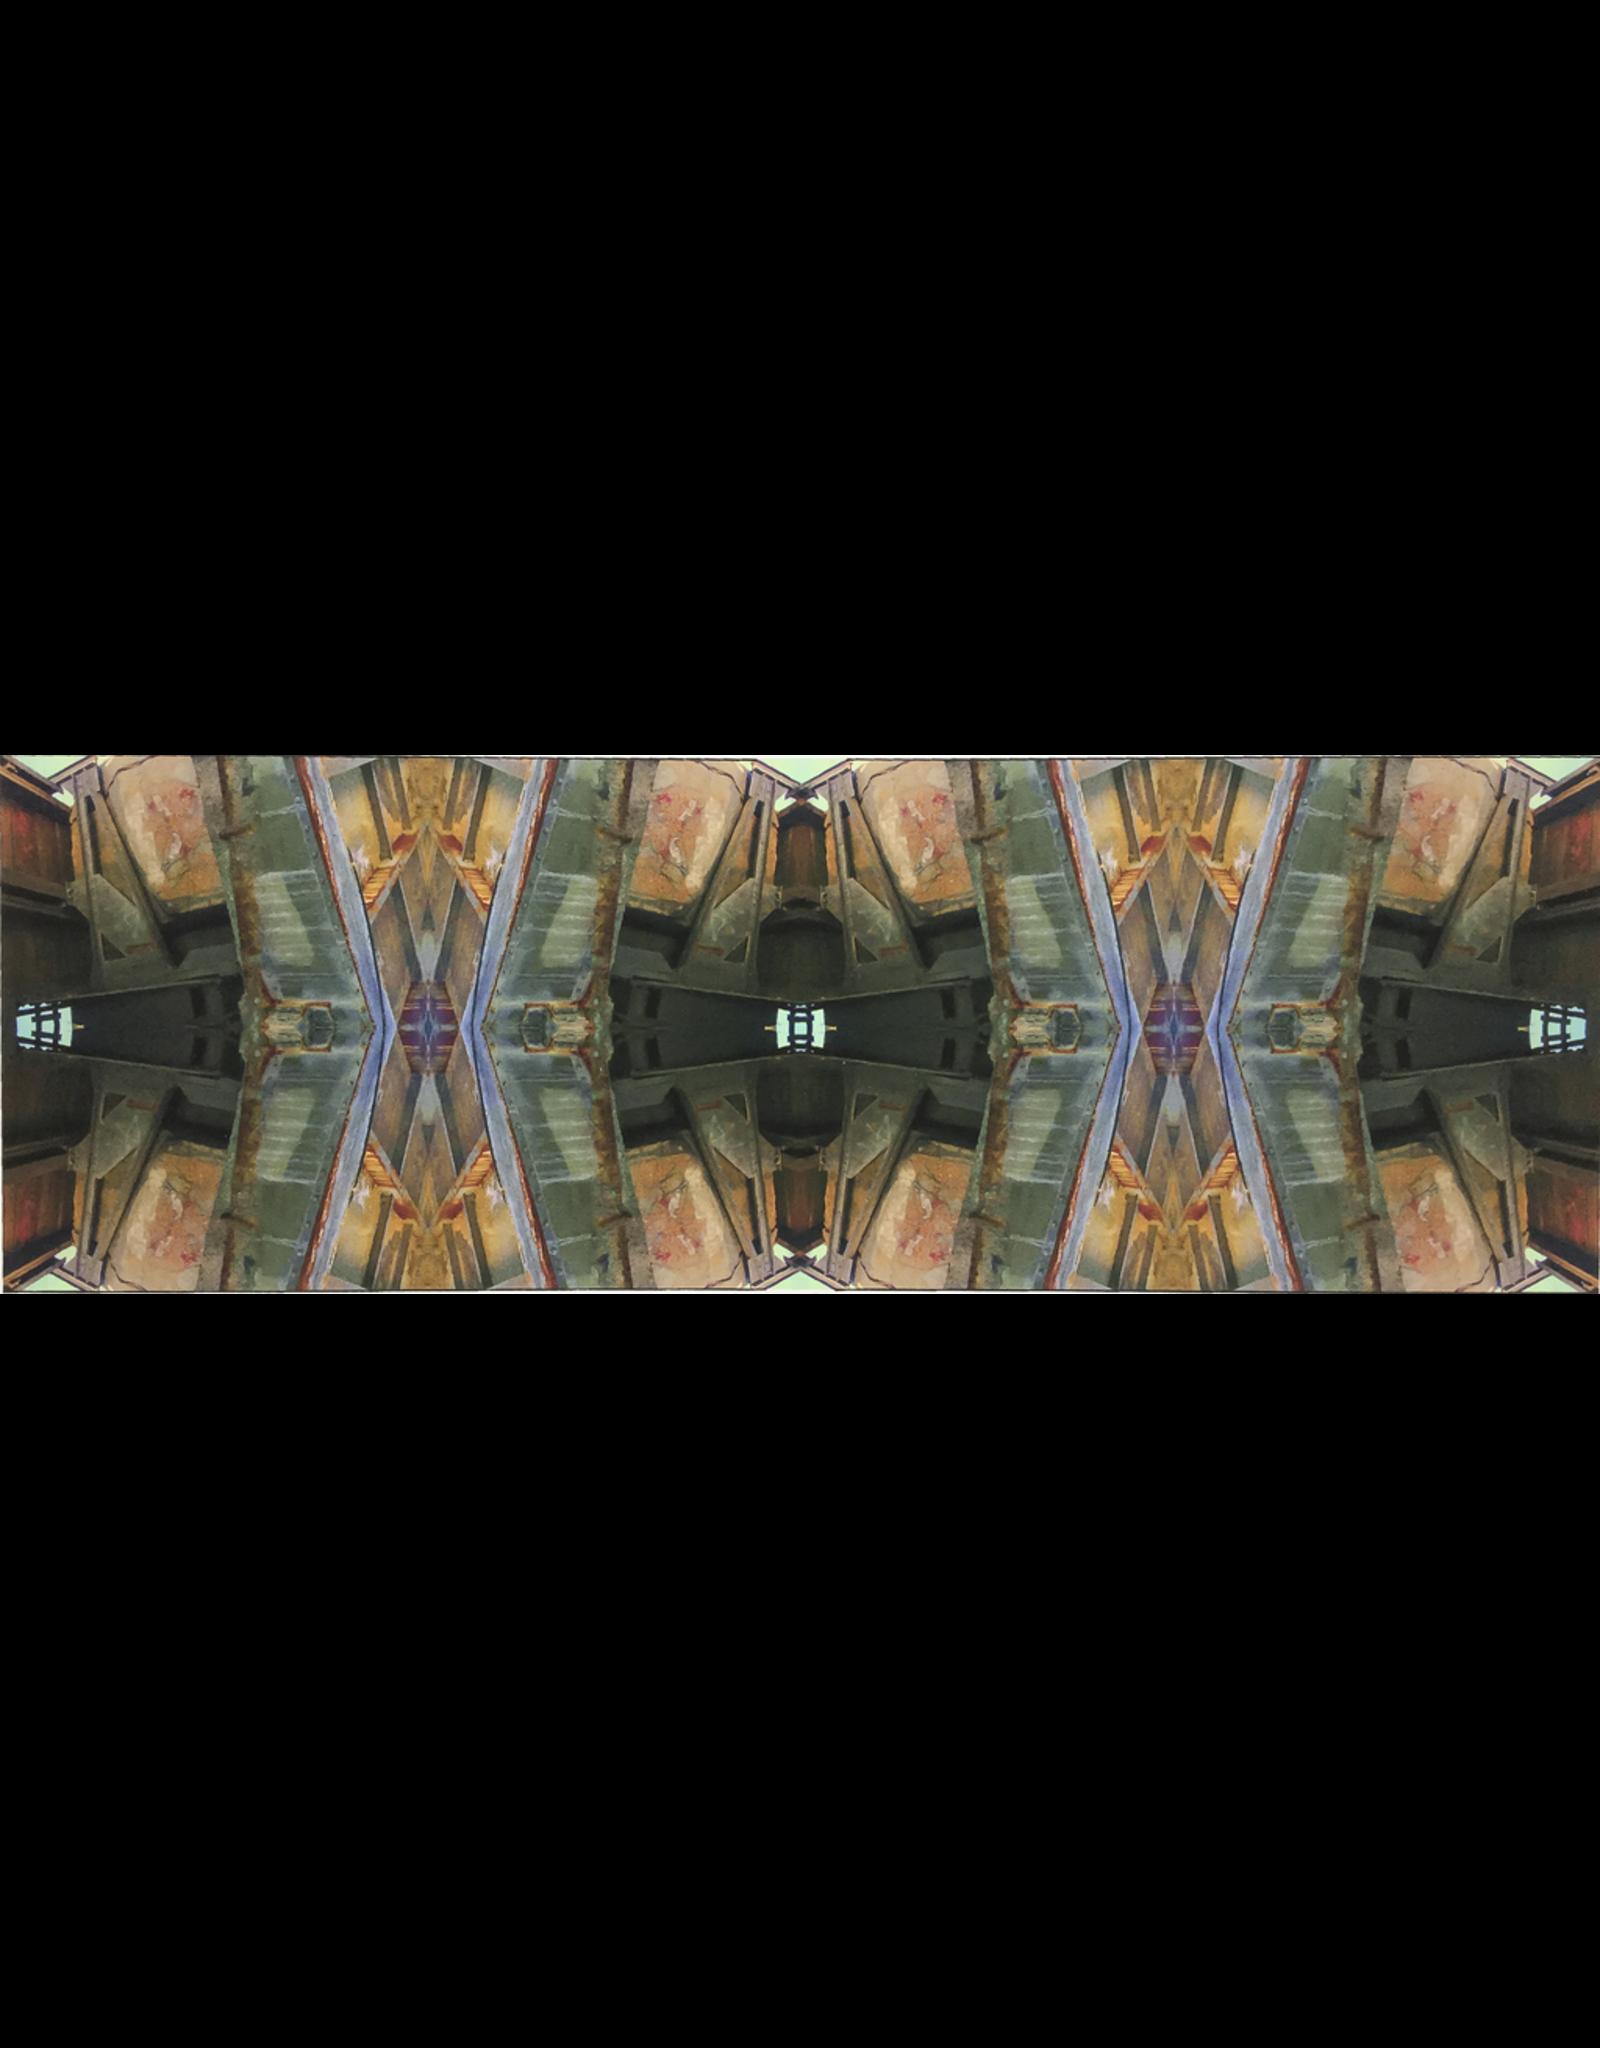 Reichert, Don Under the Old Redwood Bridge, Don Reichert